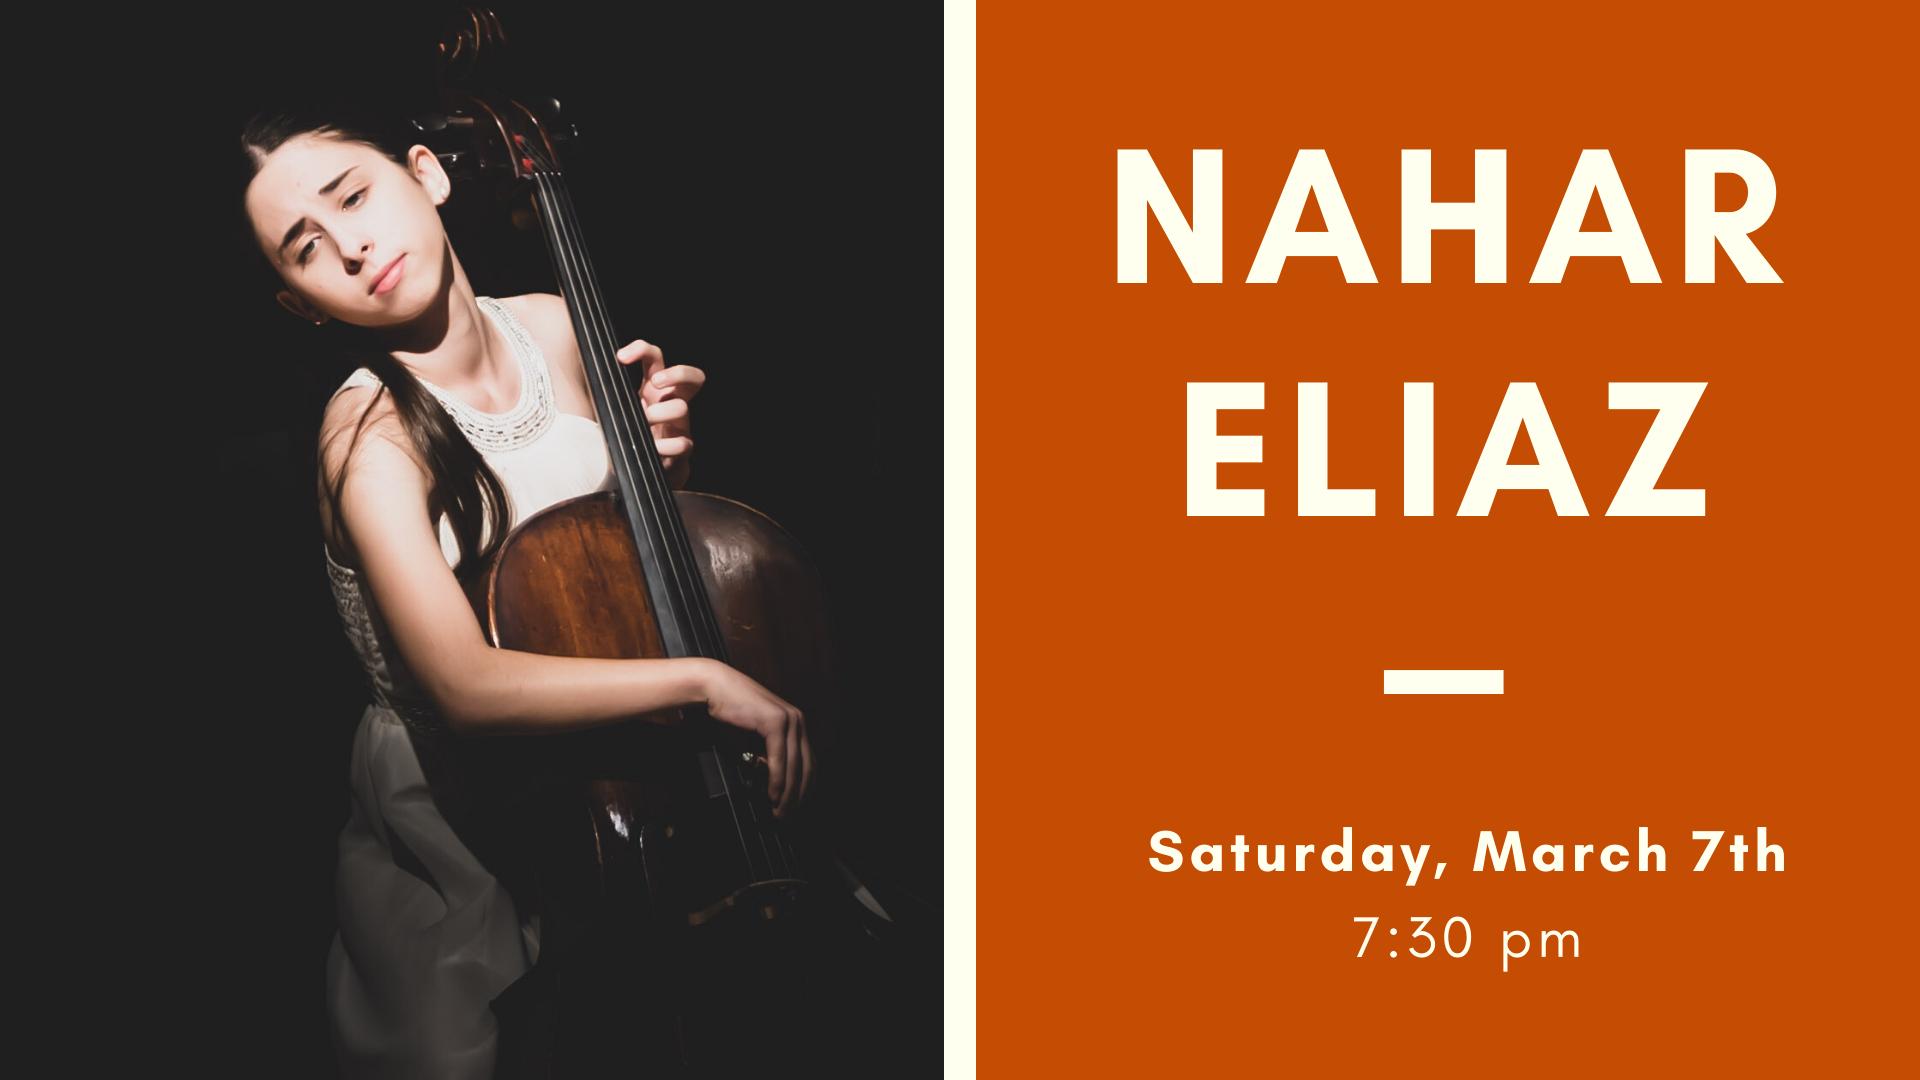 Banner Image for Nahar Eliaz Concert